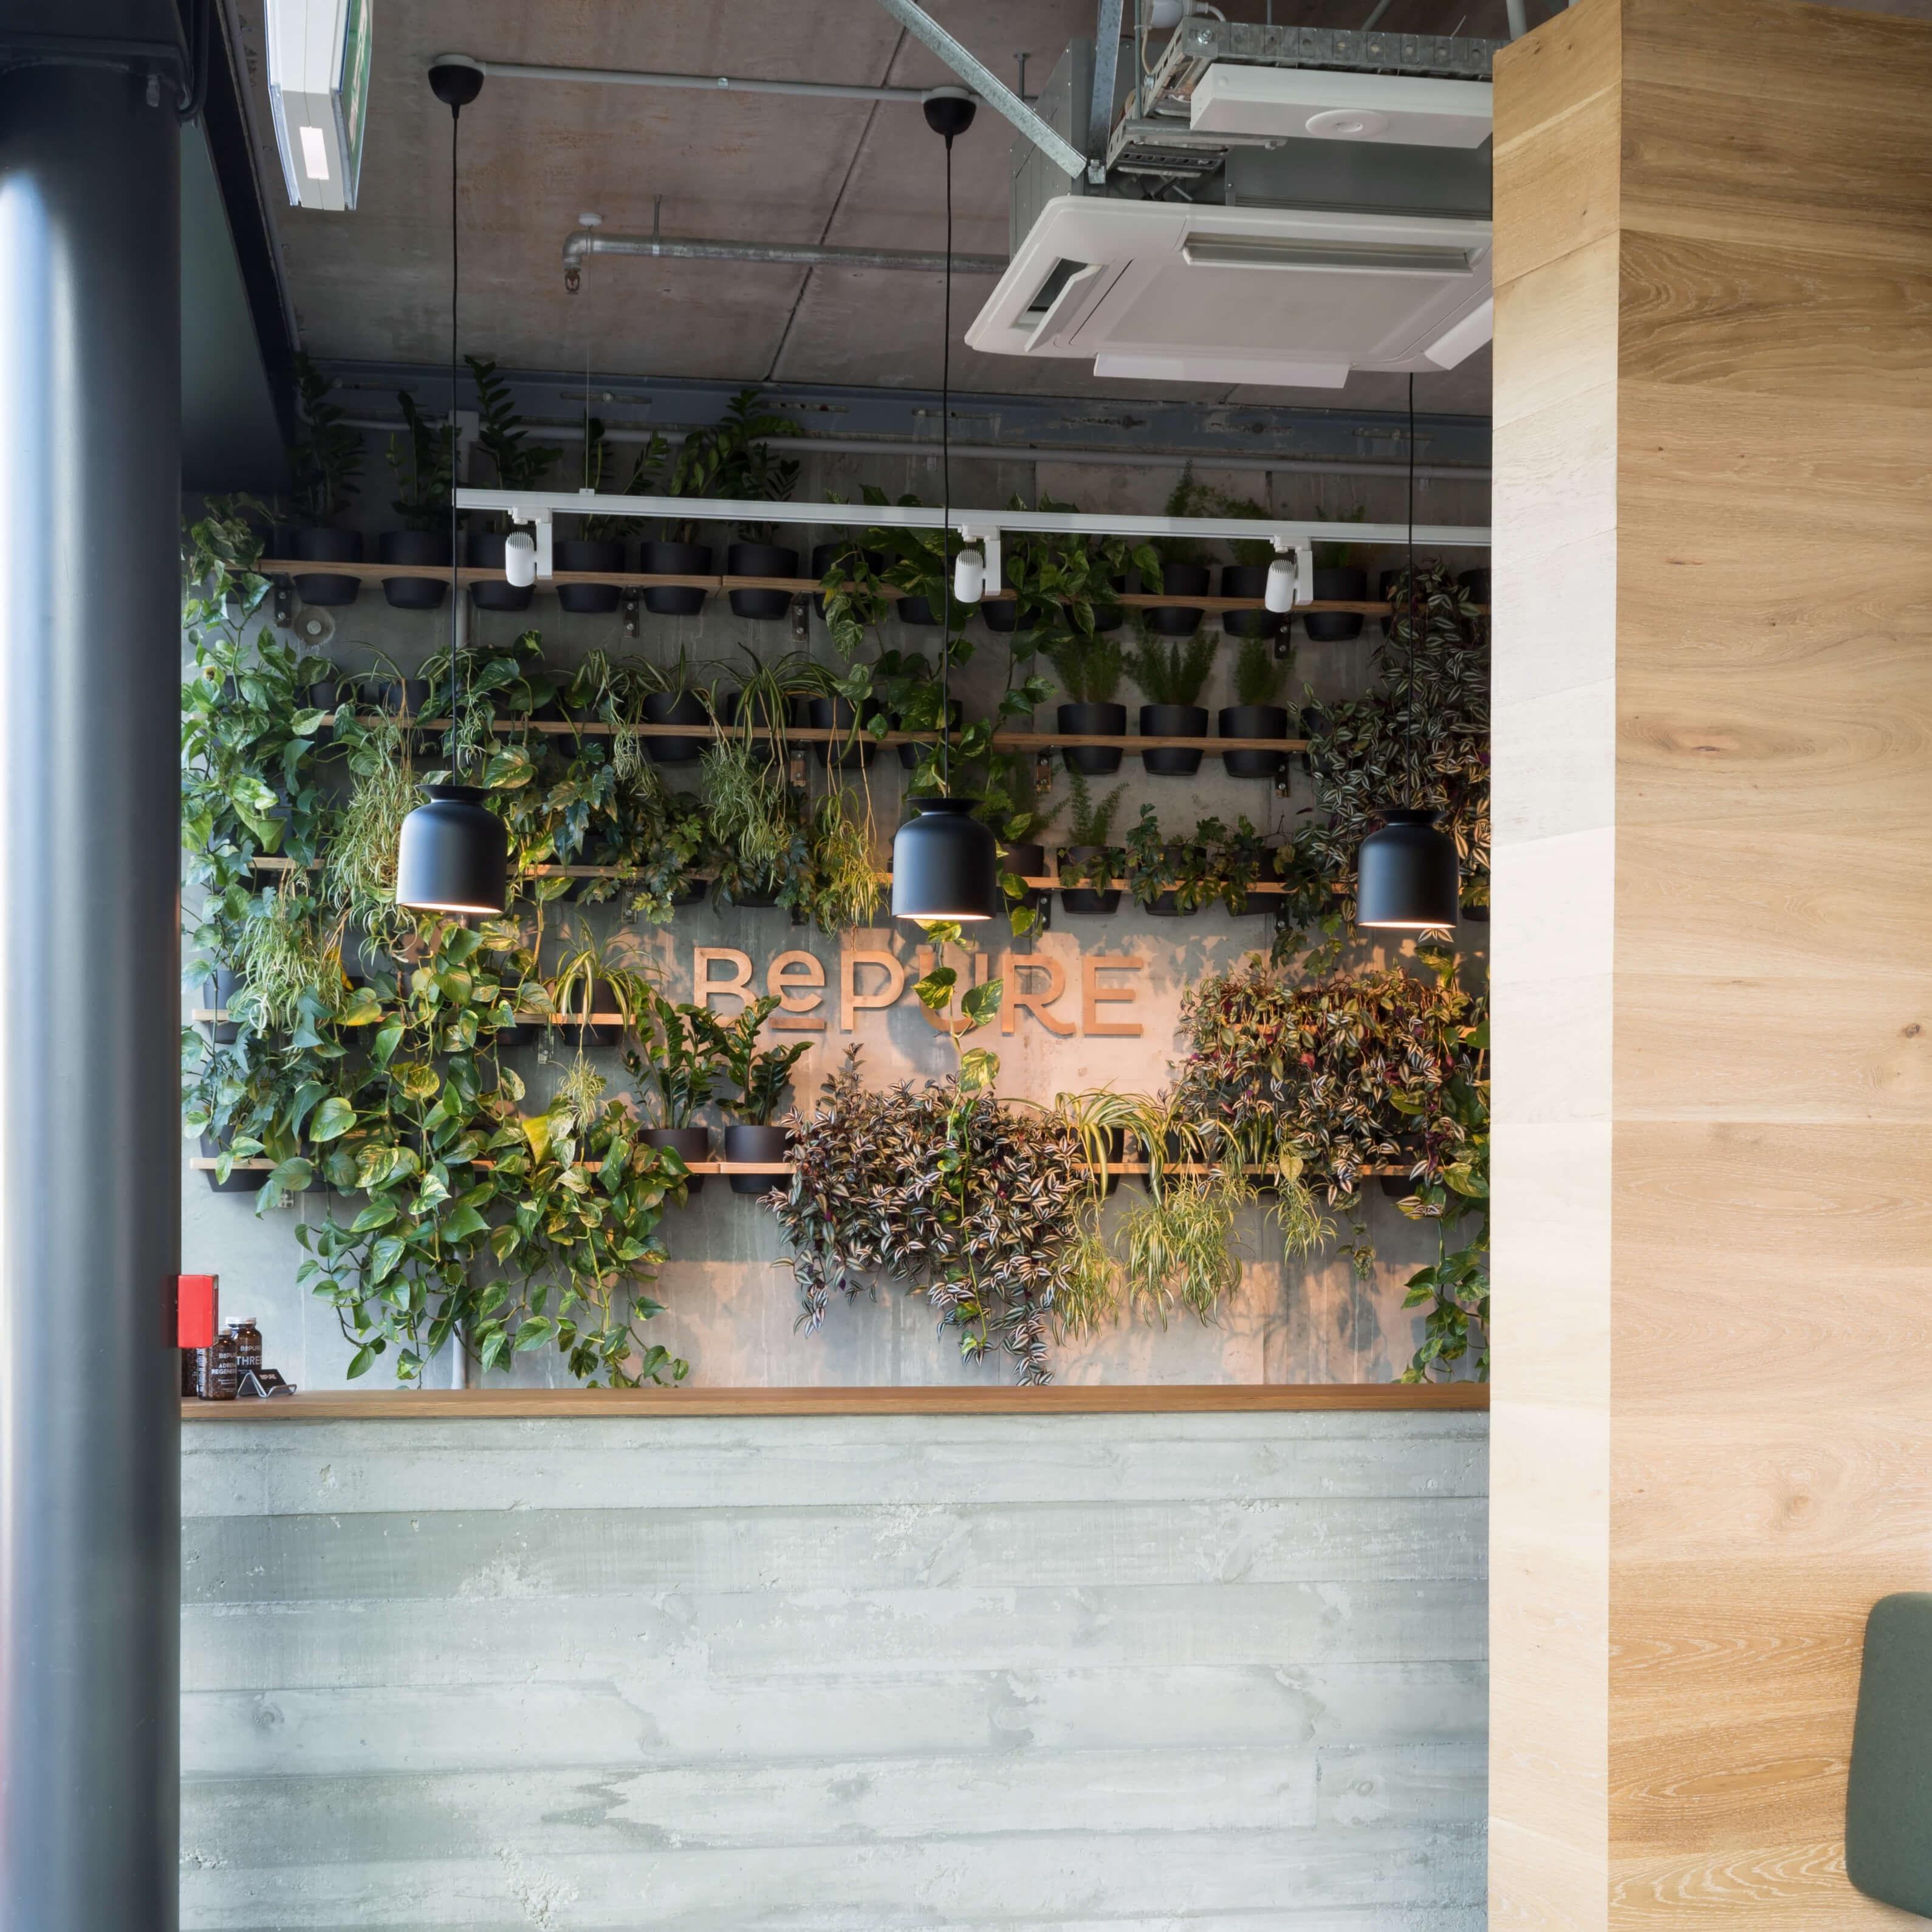 portfolio-offices-spaces-bepure-image2